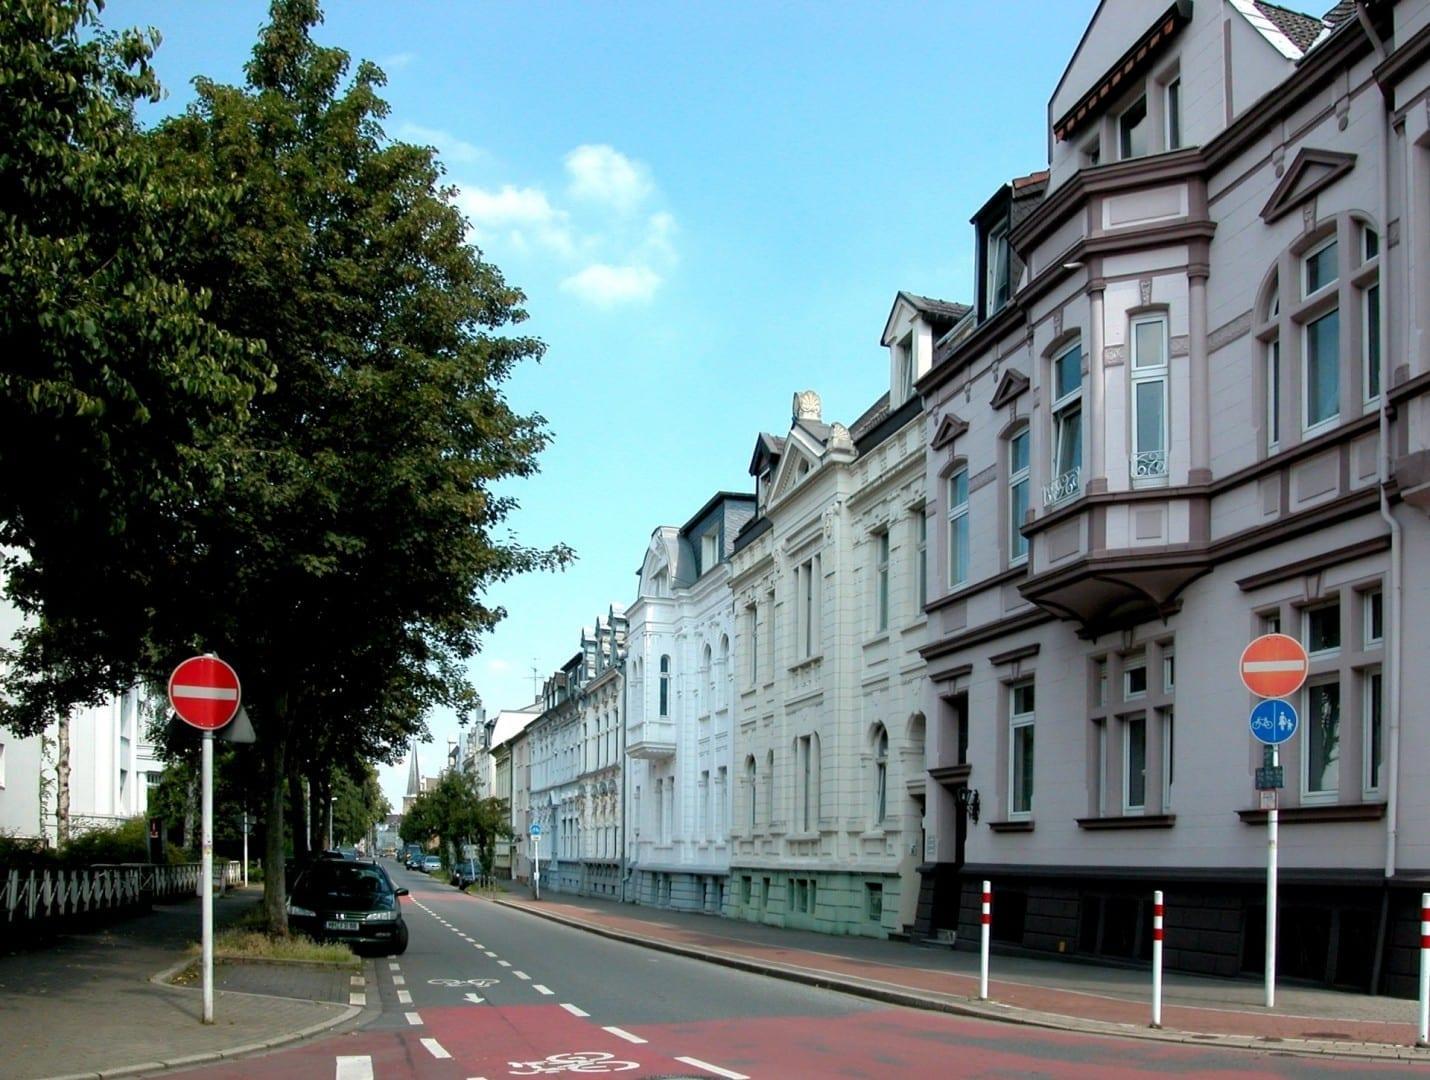 Friedrichstrasse Mülheim an der Ruhr Alemania